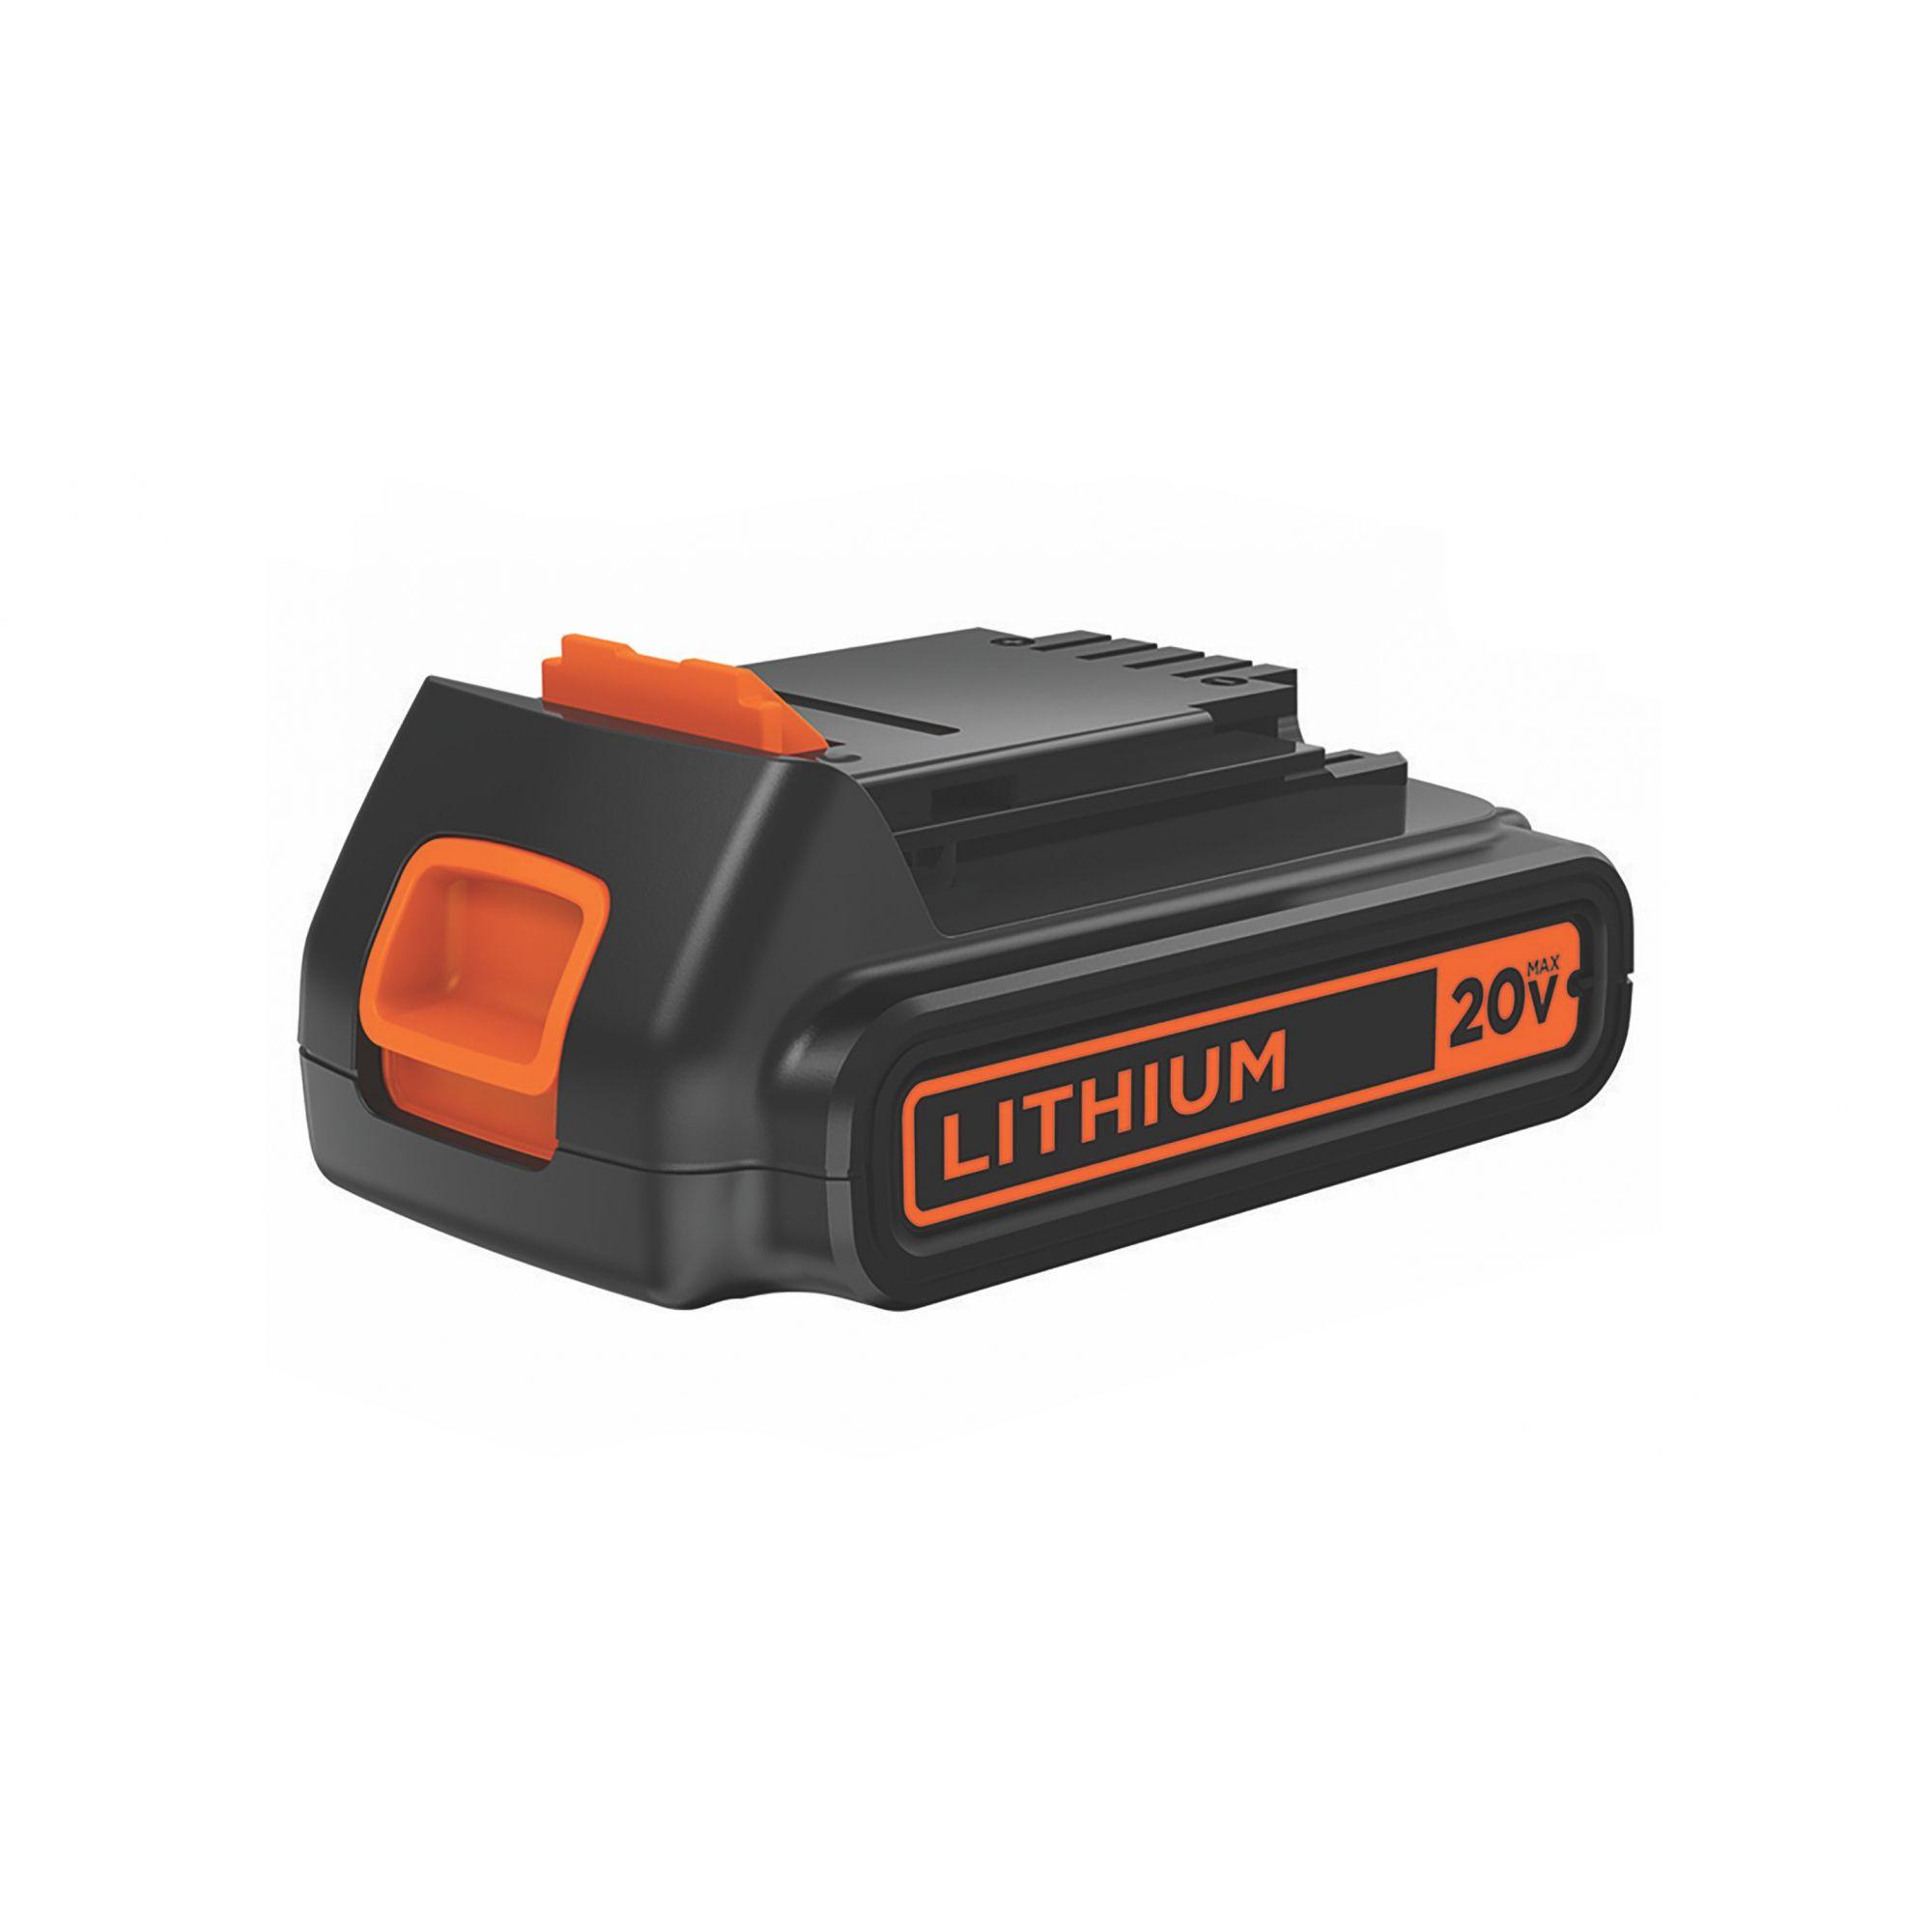 BATERIA DE LITIO ION 20V BLACK AND DECKER 1.5Ah LD120BAT